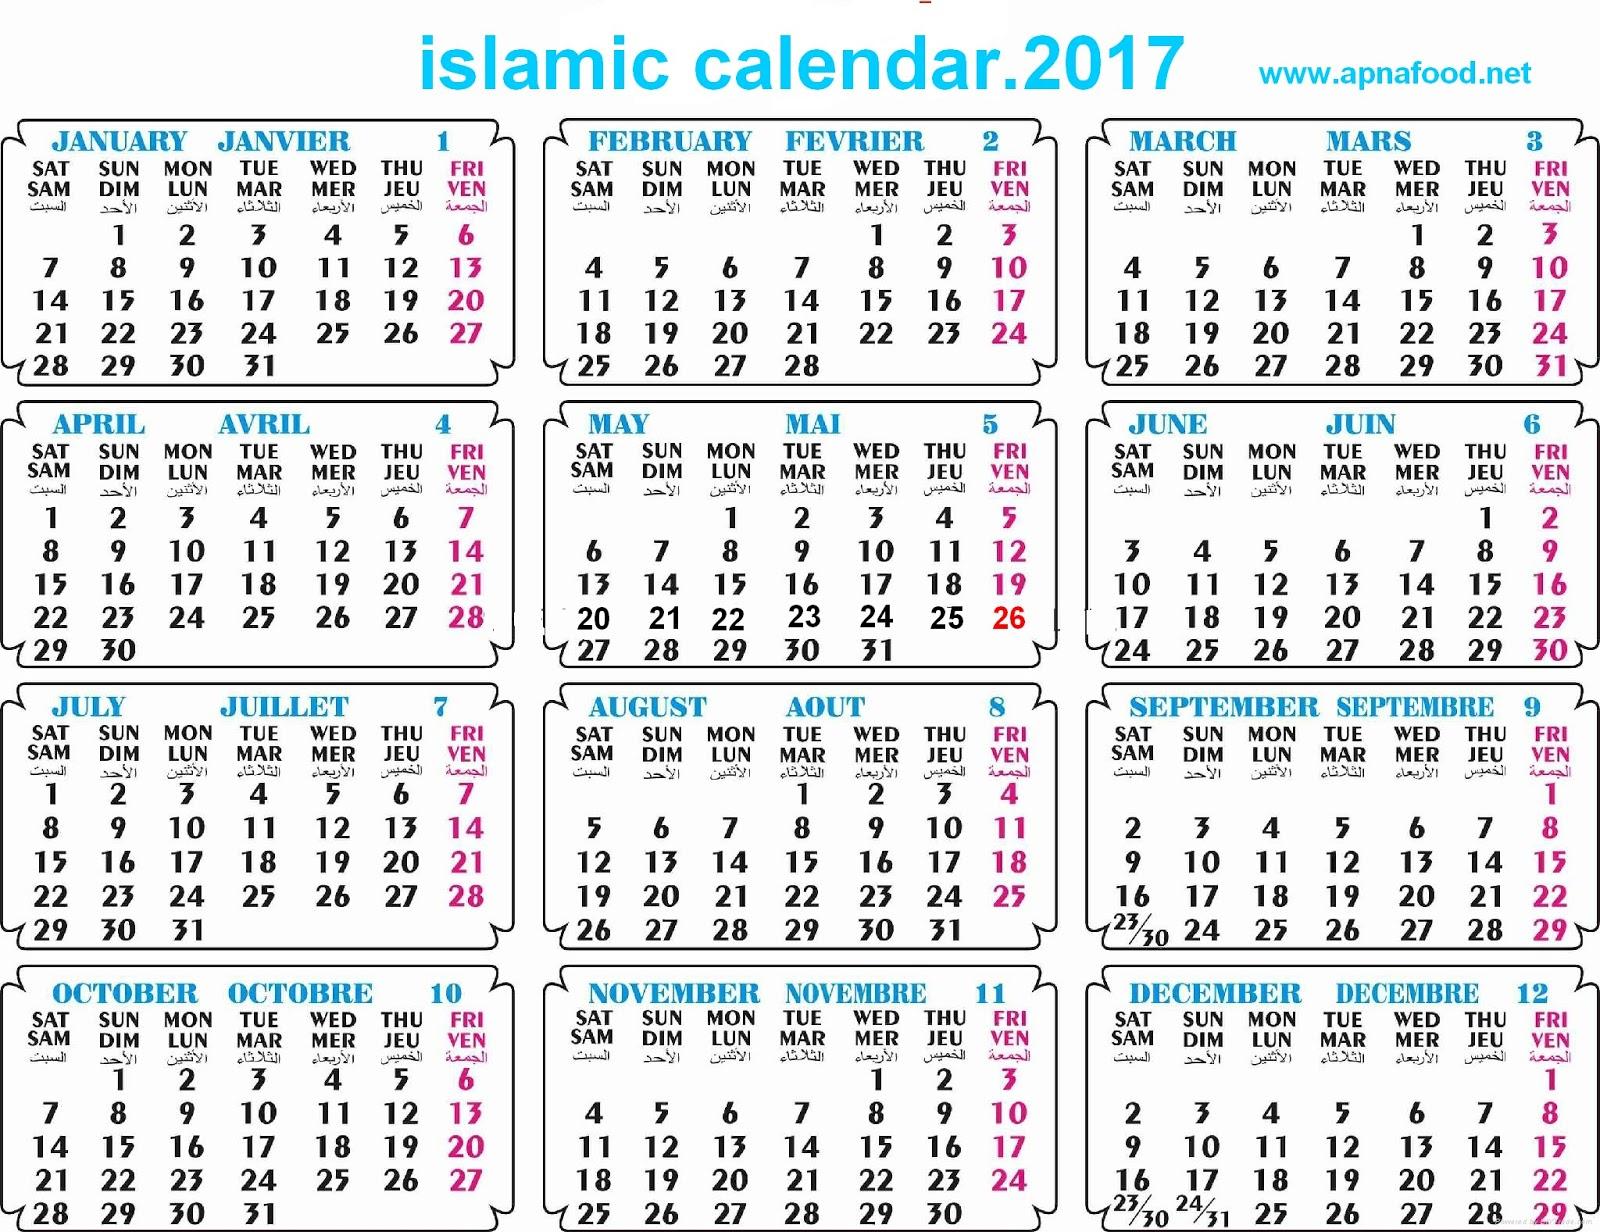 Islamic Calendar.2017